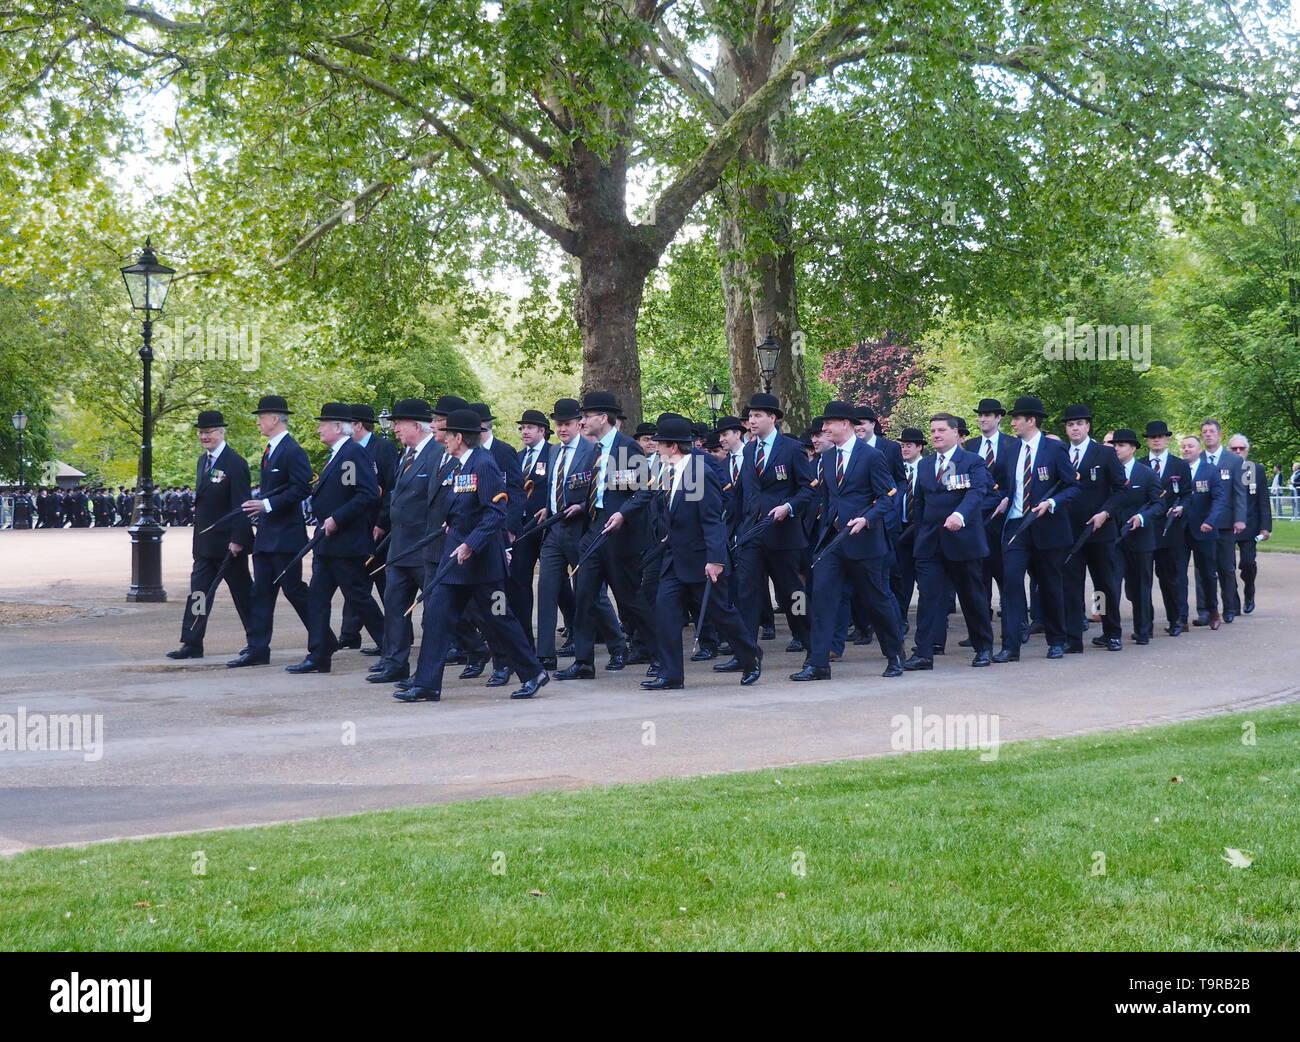 Londres, Angleterre, Royaume-uni- 12 mai 2019: 94e défilé annuel de l'Association anciens camarades de cavalerie dans Hyde Park Londres Photo Stock